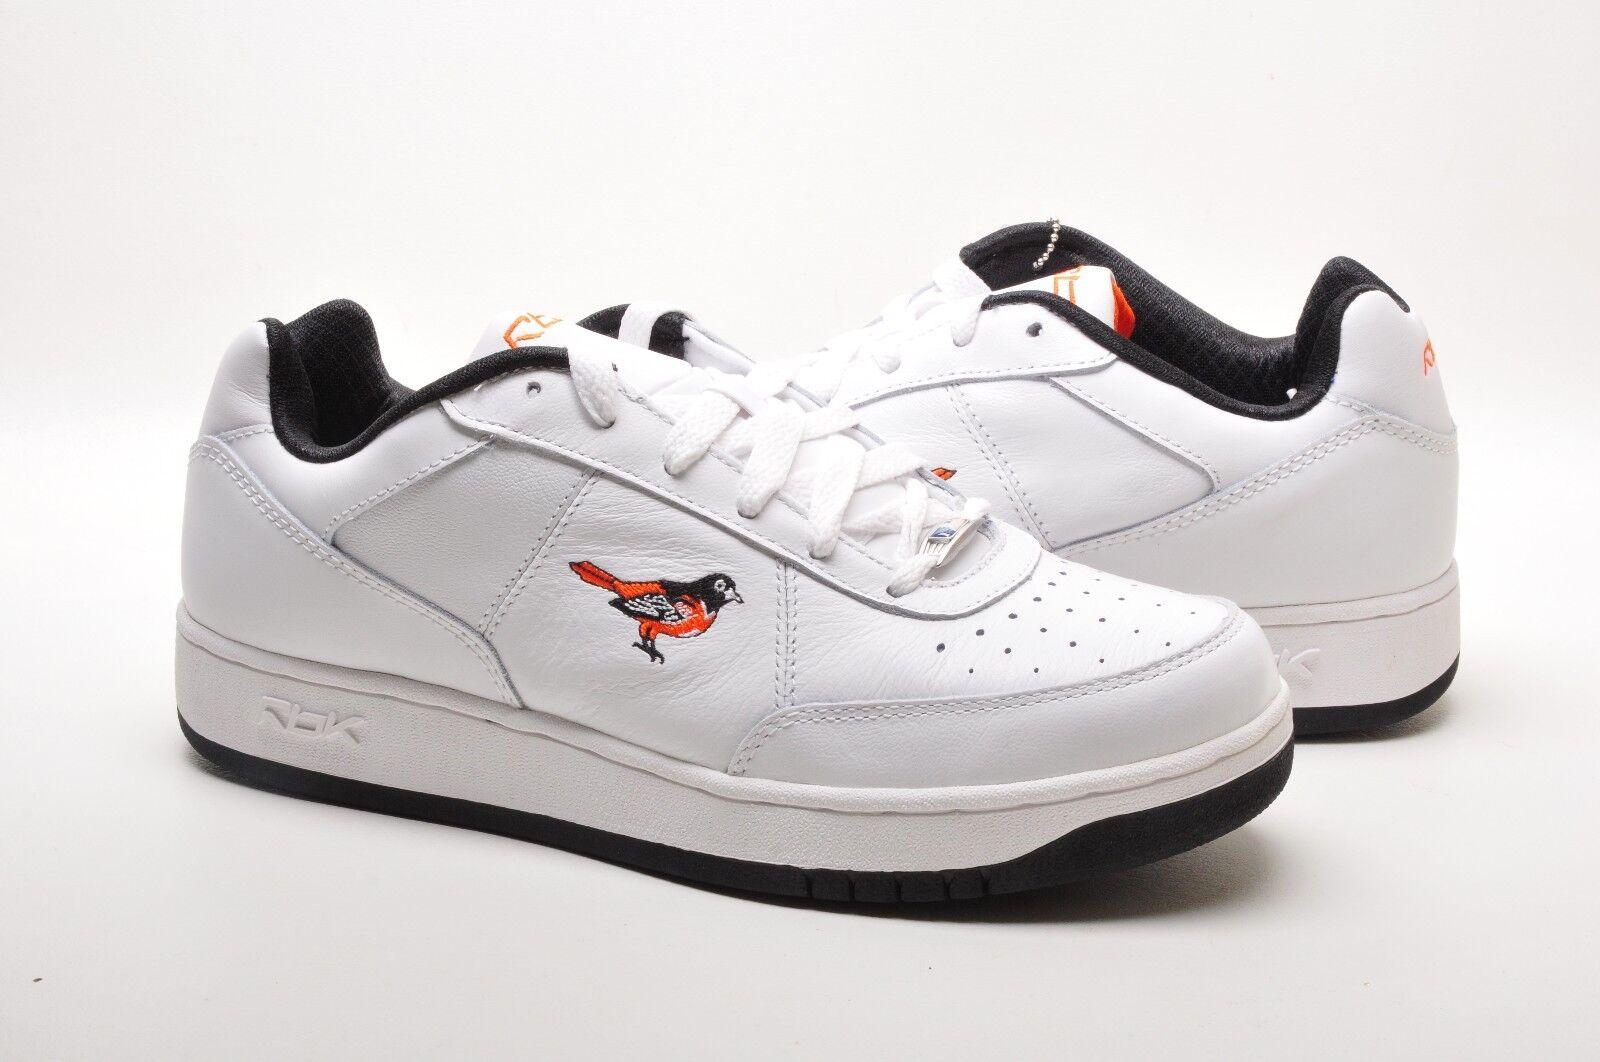 La reebok scarpe da uomo mlb circolo esclusivo esclusivo circolo 171486 orioles bianco nero arancione 4bf6a1